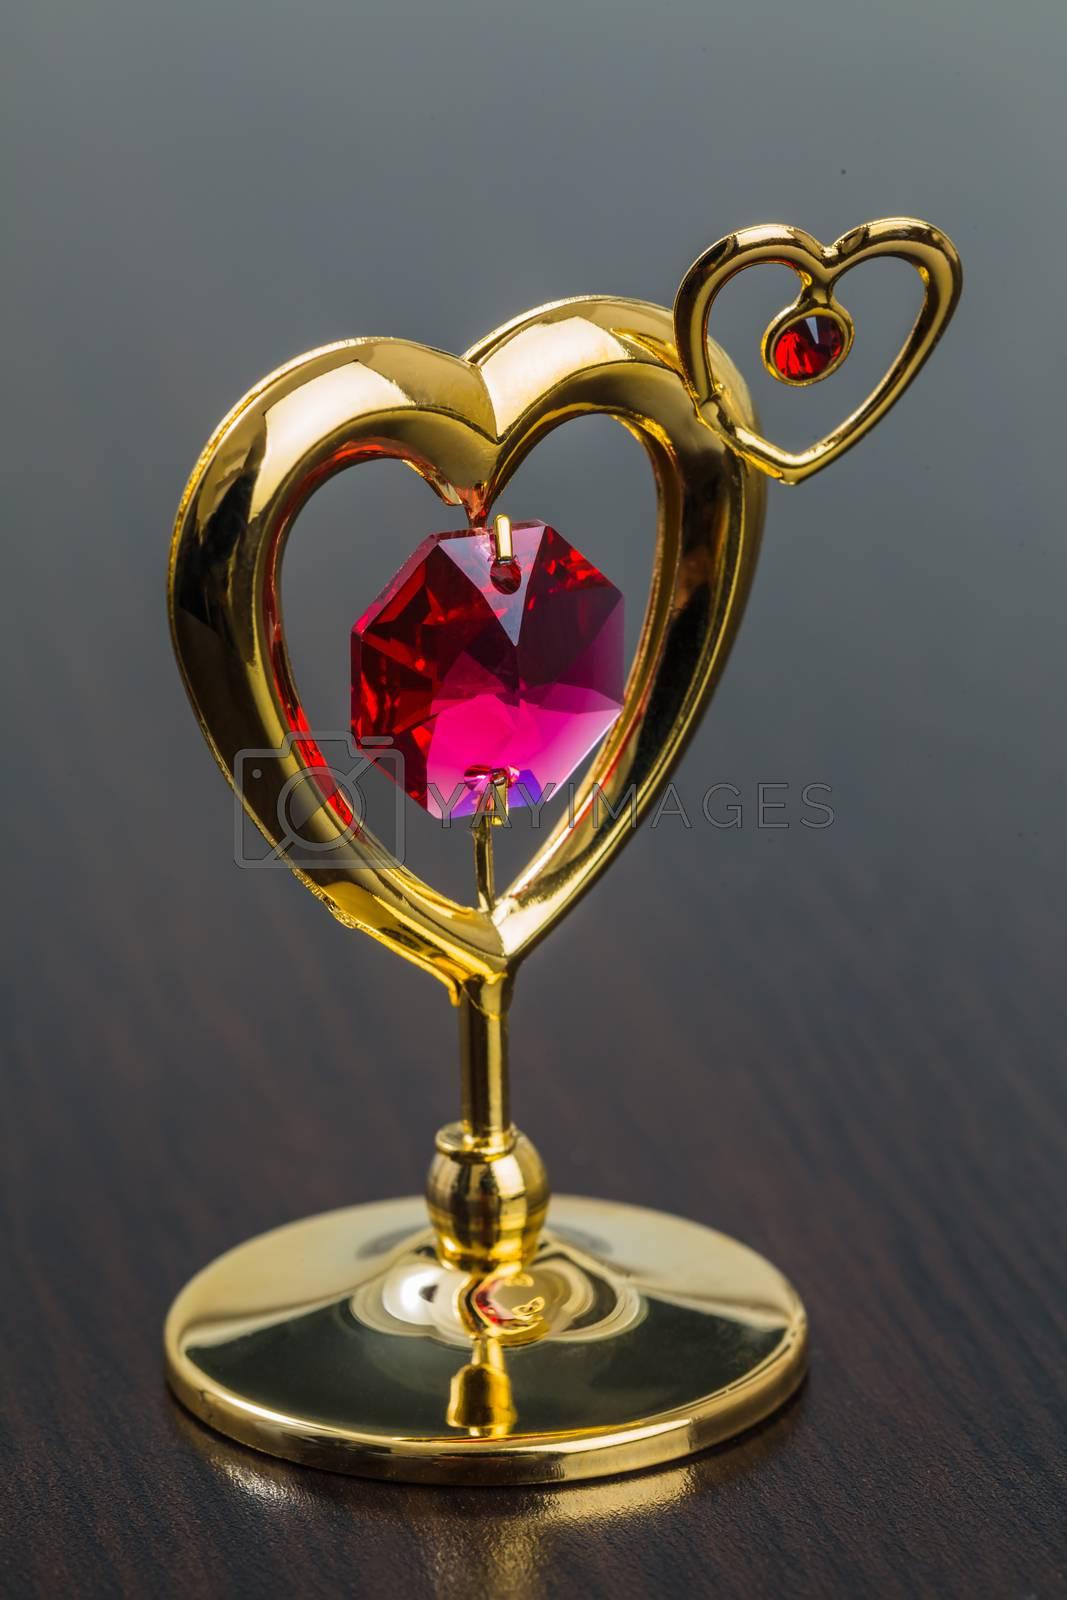 Royalty free image of Valentine's Day Golden Heart by oleg_zhukov